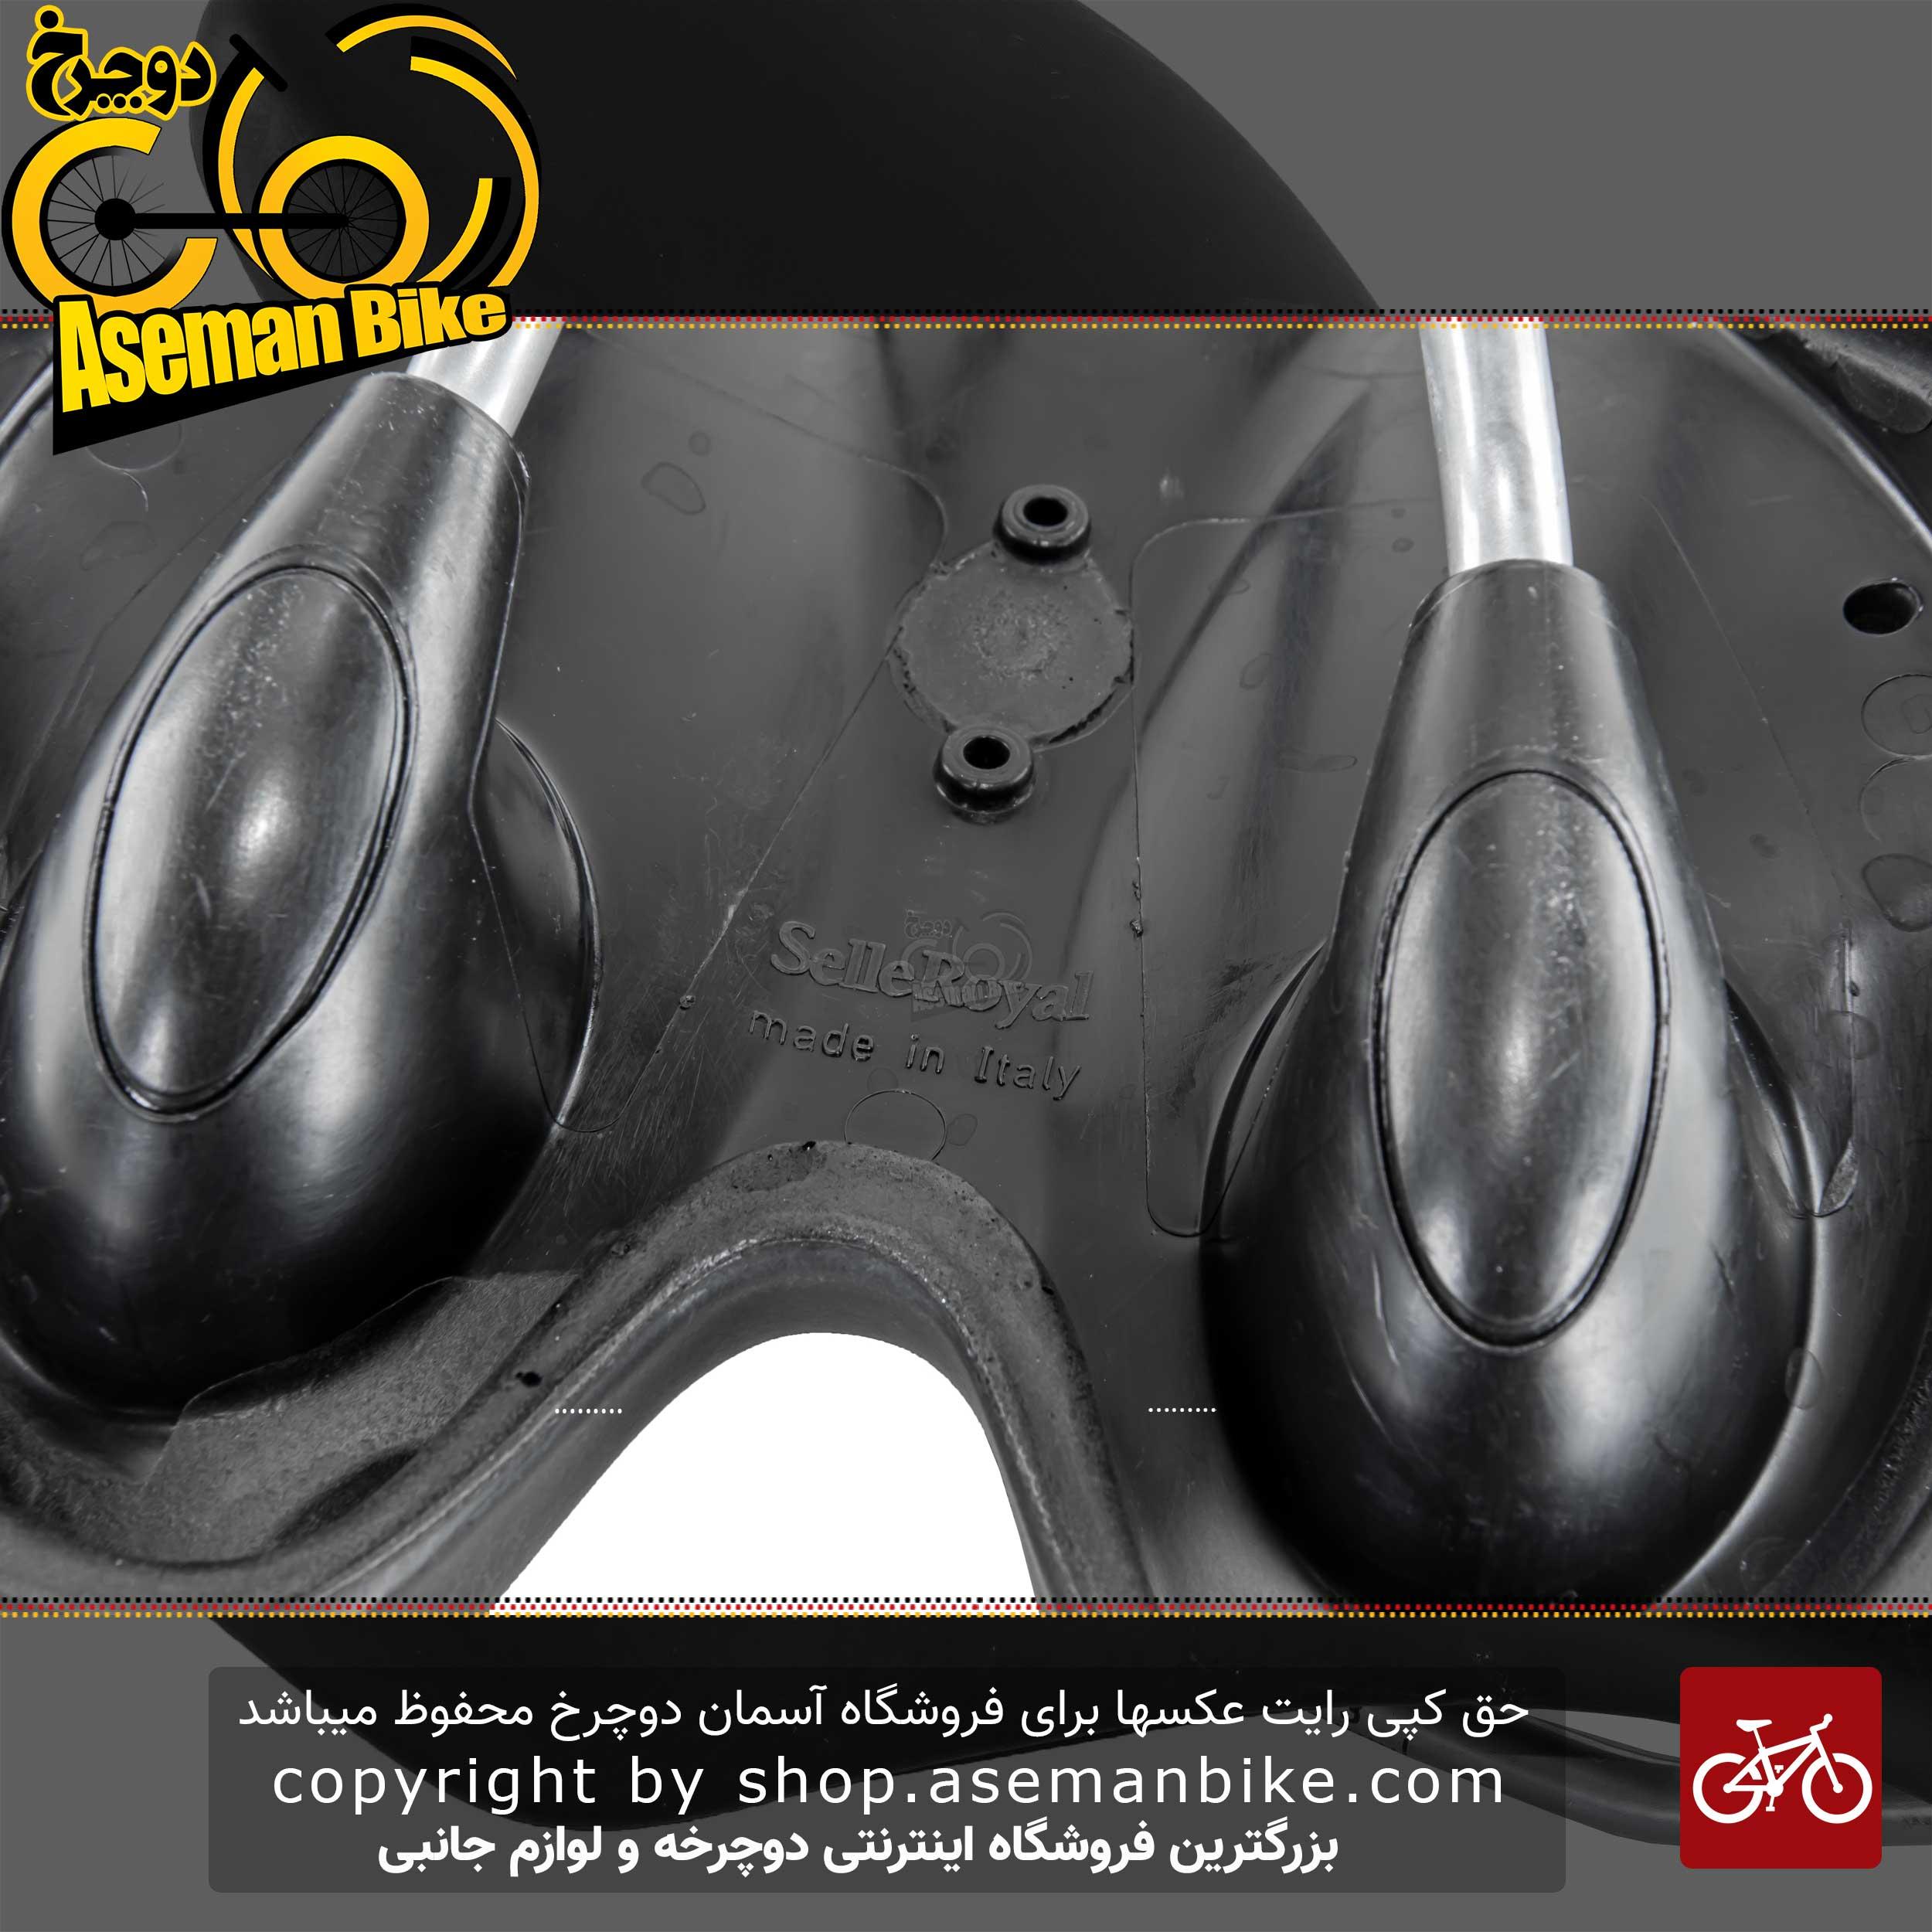 زین دوچرخه سله رویال فریچال ساخت ایتالیا Saddle Bicycle Selle Royal FRECCIAL MADE IN ITALY